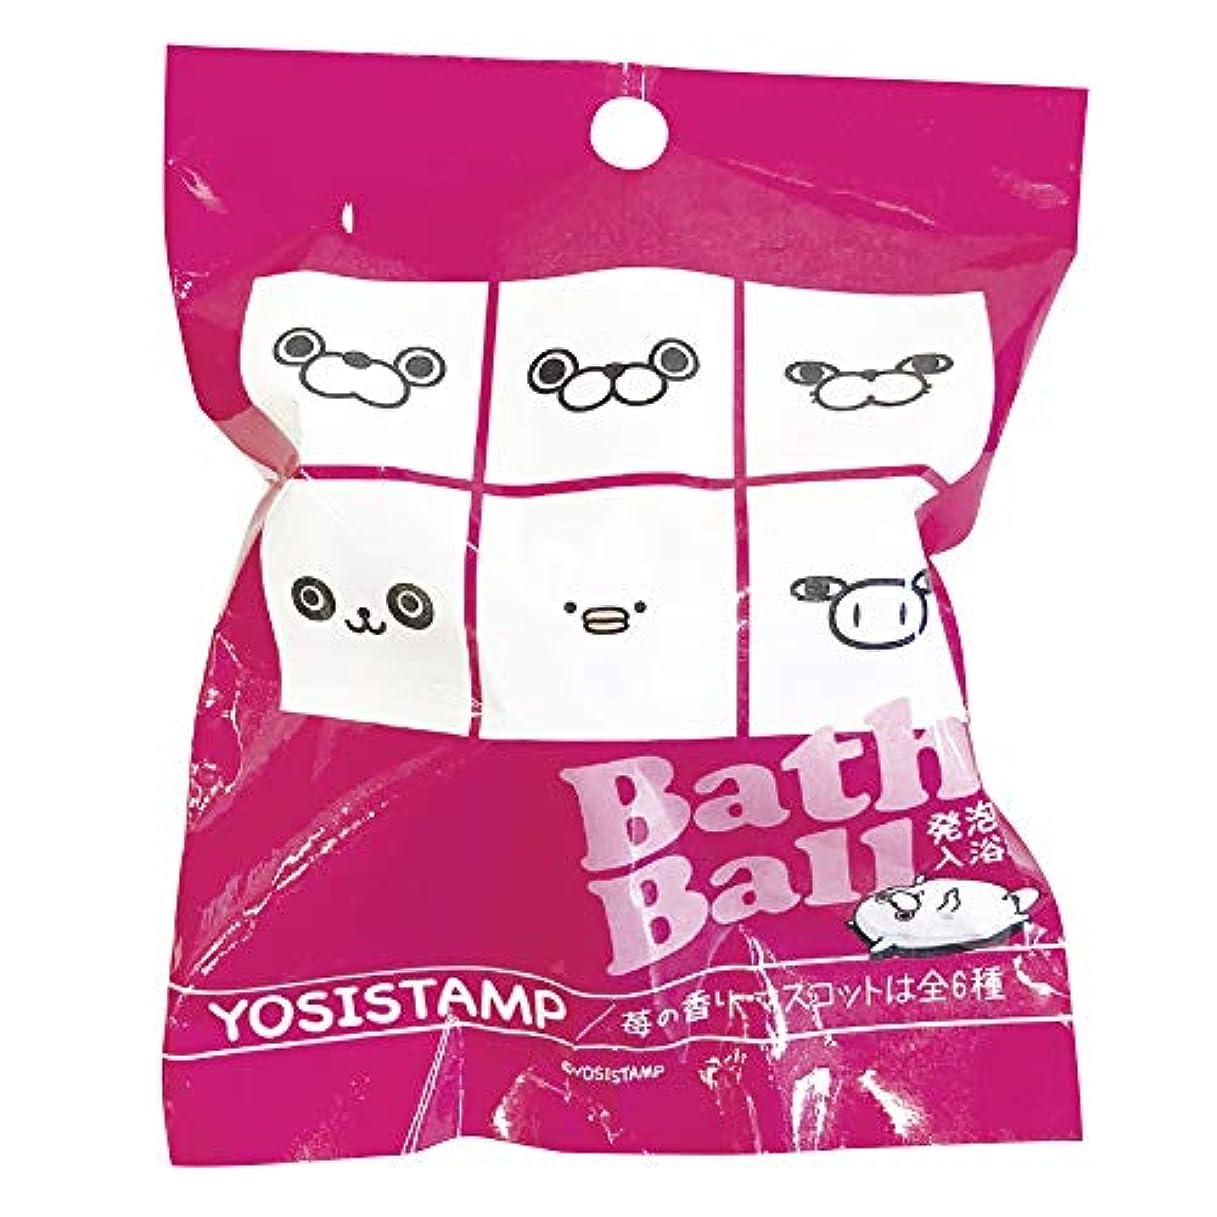 不十分味方パーセントヨッシースタンプ 入浴剤 バスボール おまけ付き イチゴの香り ABD-004-002